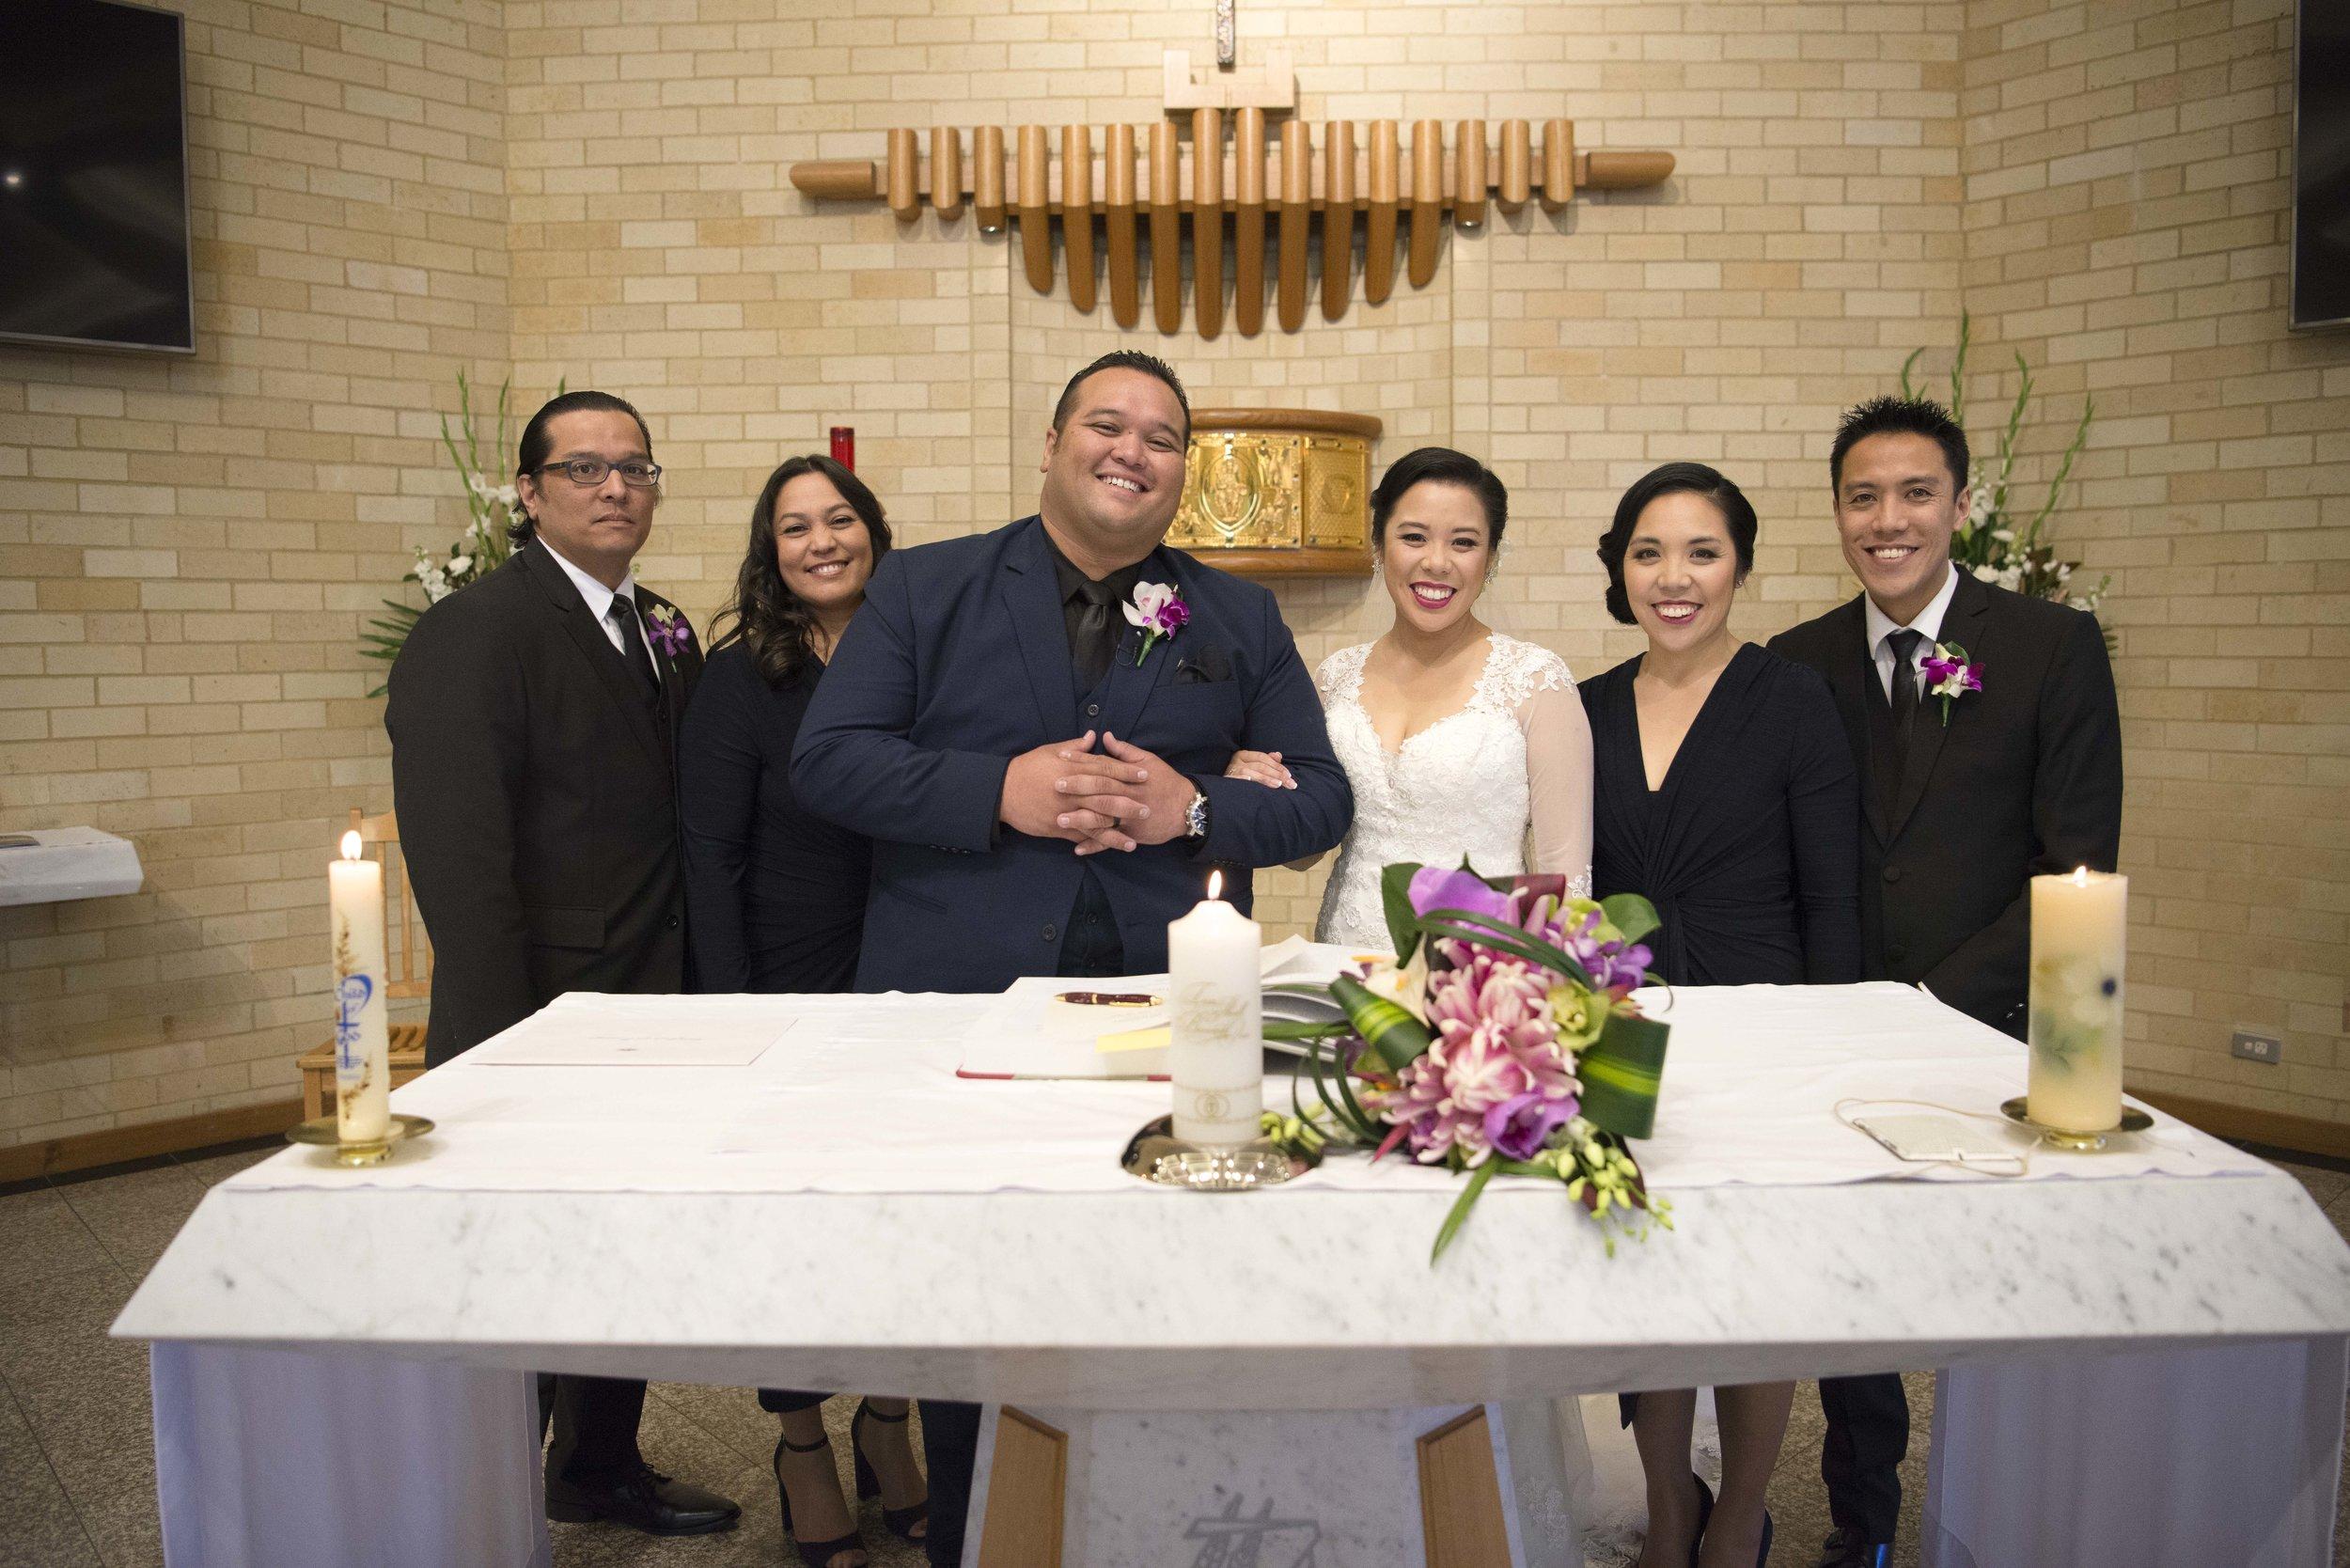 267_V+C_Wedding.jpg